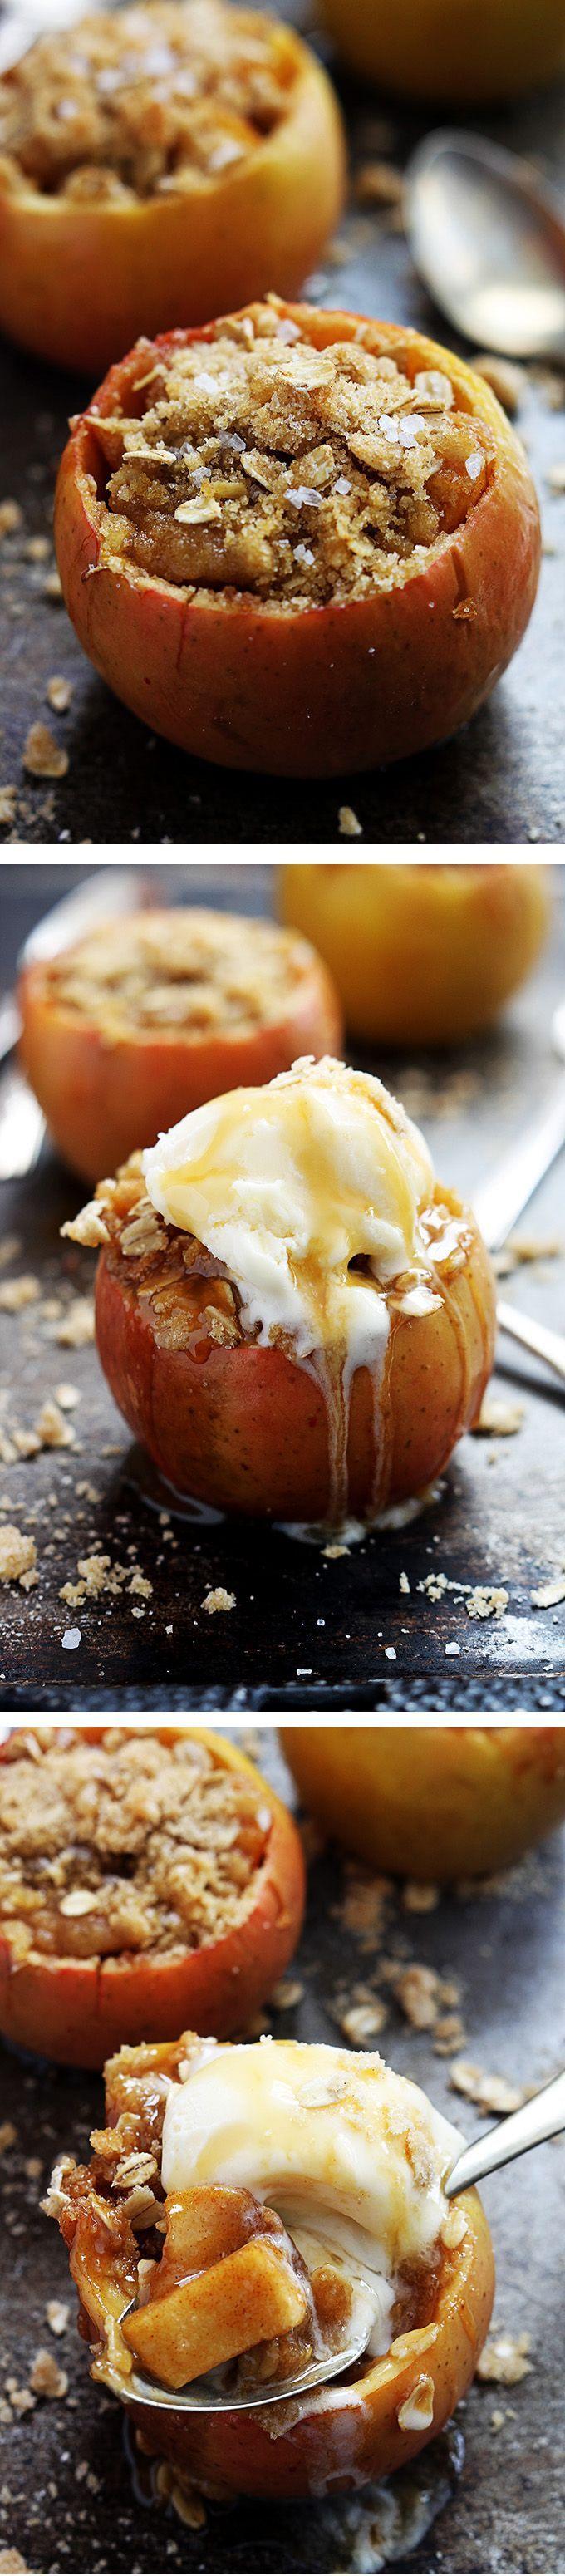 Apple Crisp Stuffed Baked Apples by cremedelacrumb #Baked_Apples #Apple_Crisp